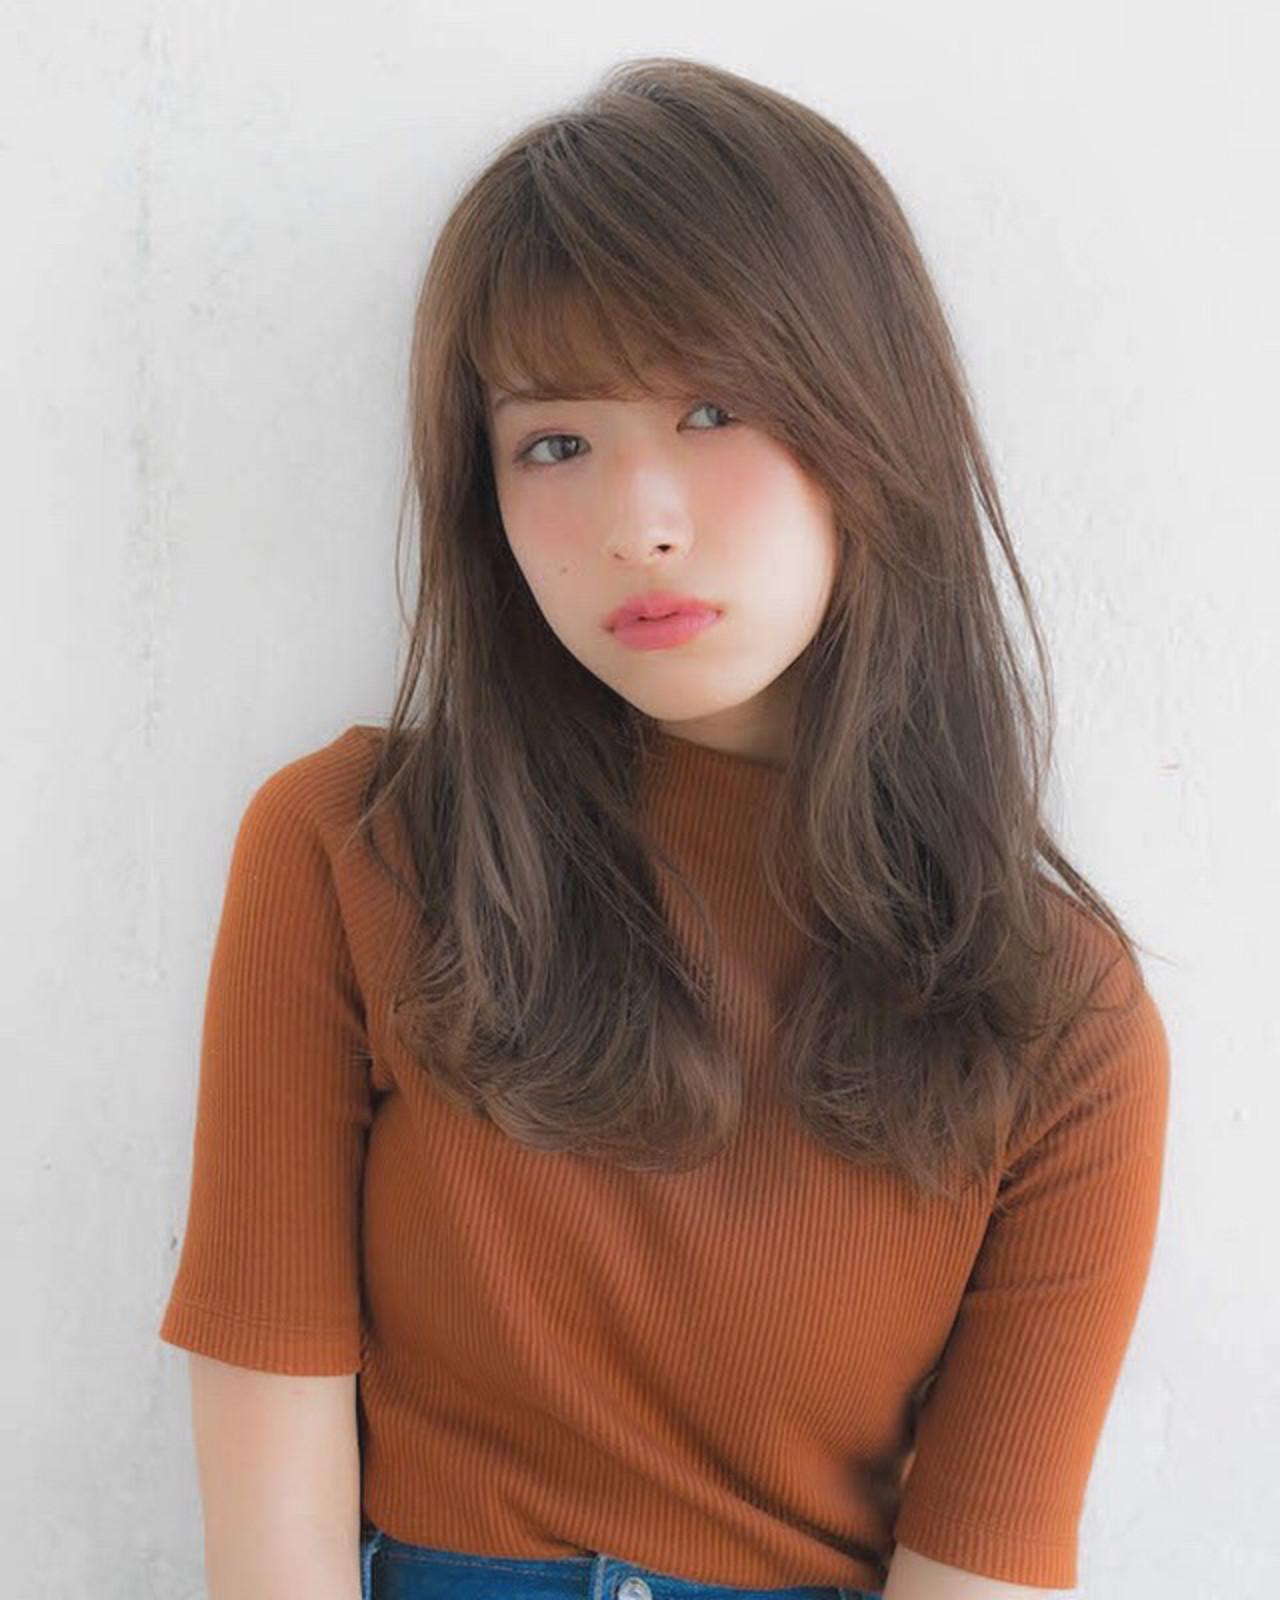 流し前髪で面長さんをフェミニンにみせる 竹澤 優/relian銀座Top stylist